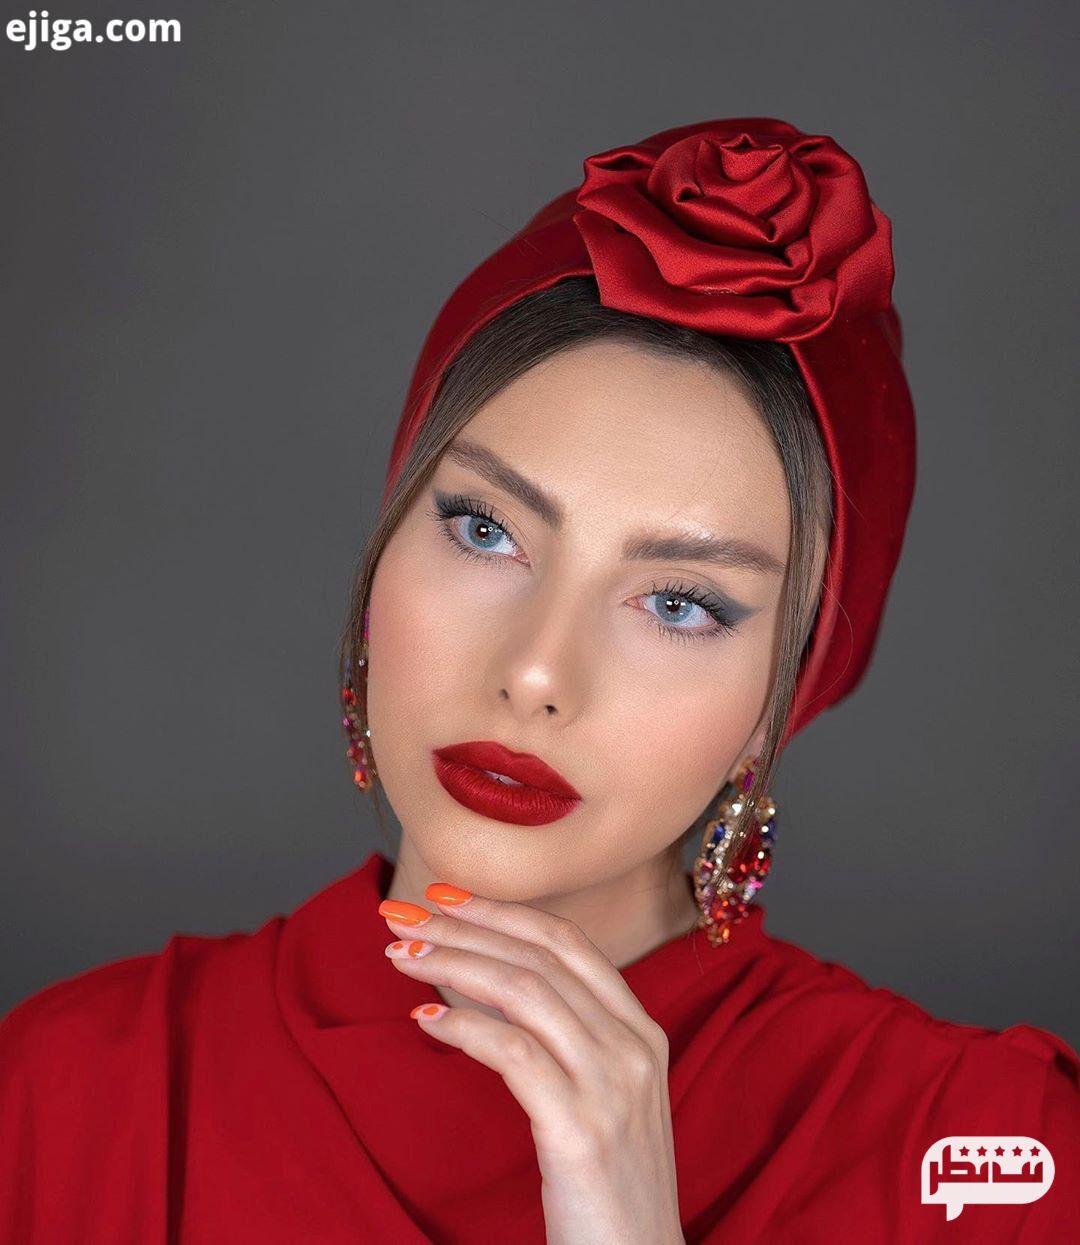 گیسو دیبا معروف ترین بیوتی بلاگرهای ایرانی